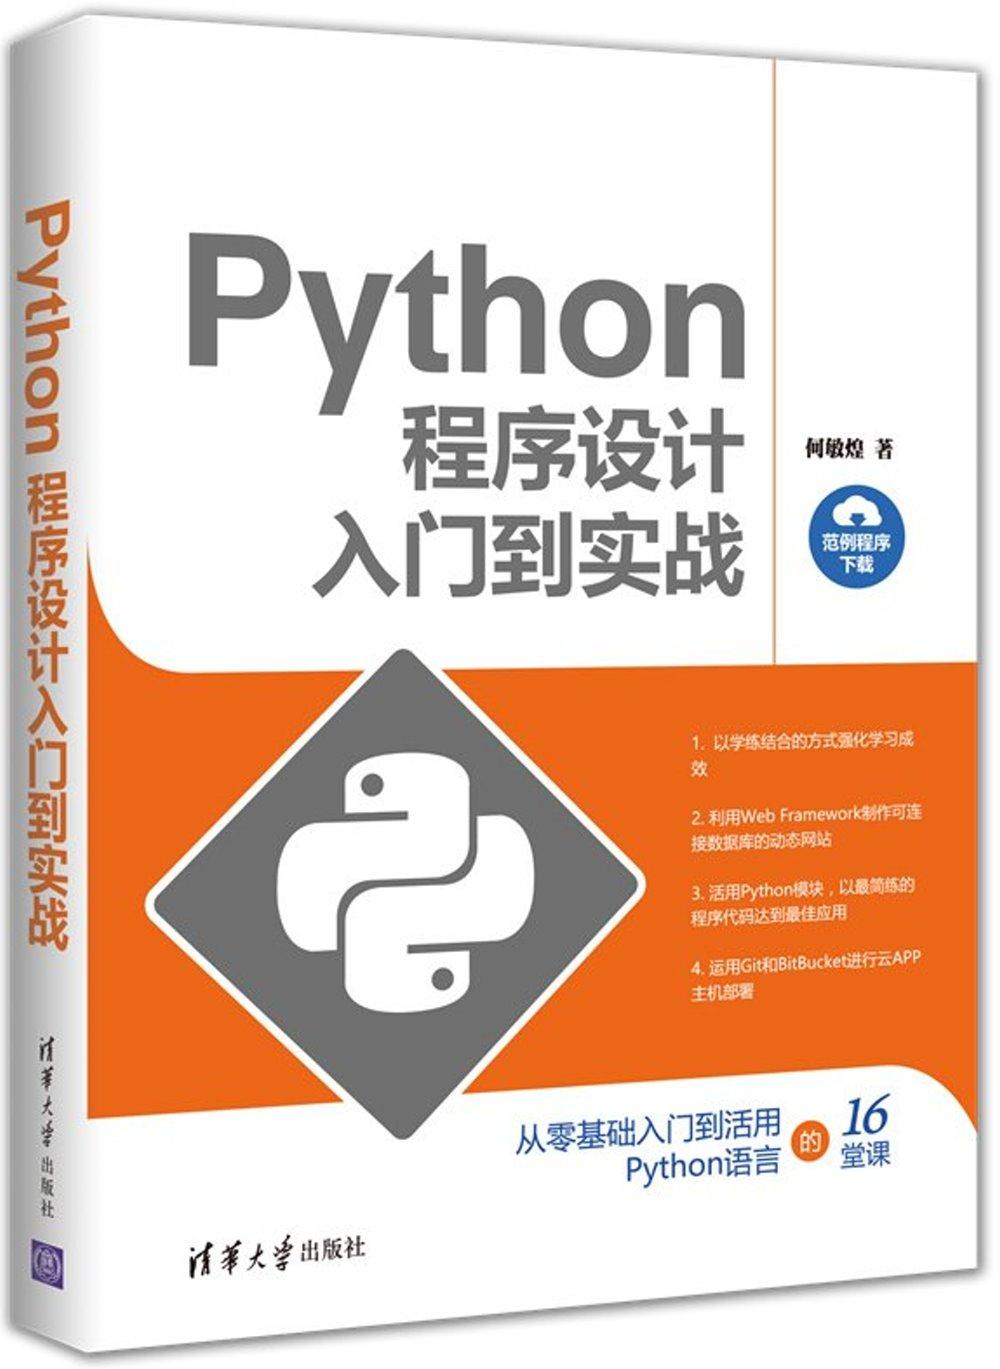 Python程序設計入門到實戰